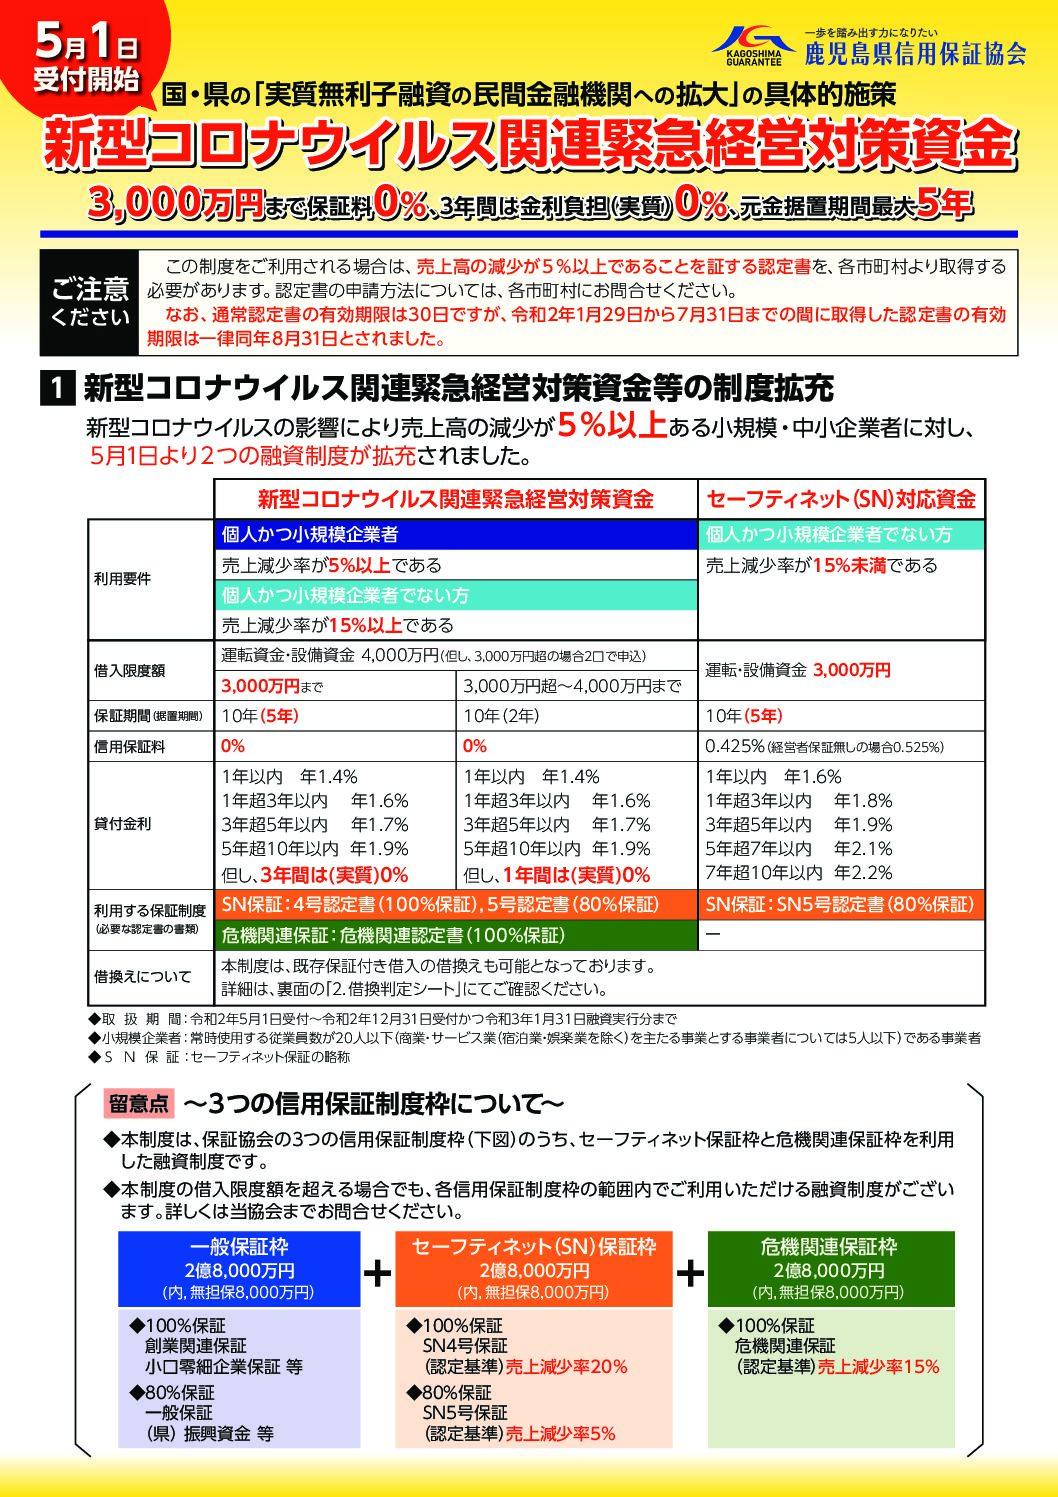 新型コロナウイルス関連緊急経営対策資金(令和2年5月1日改正)